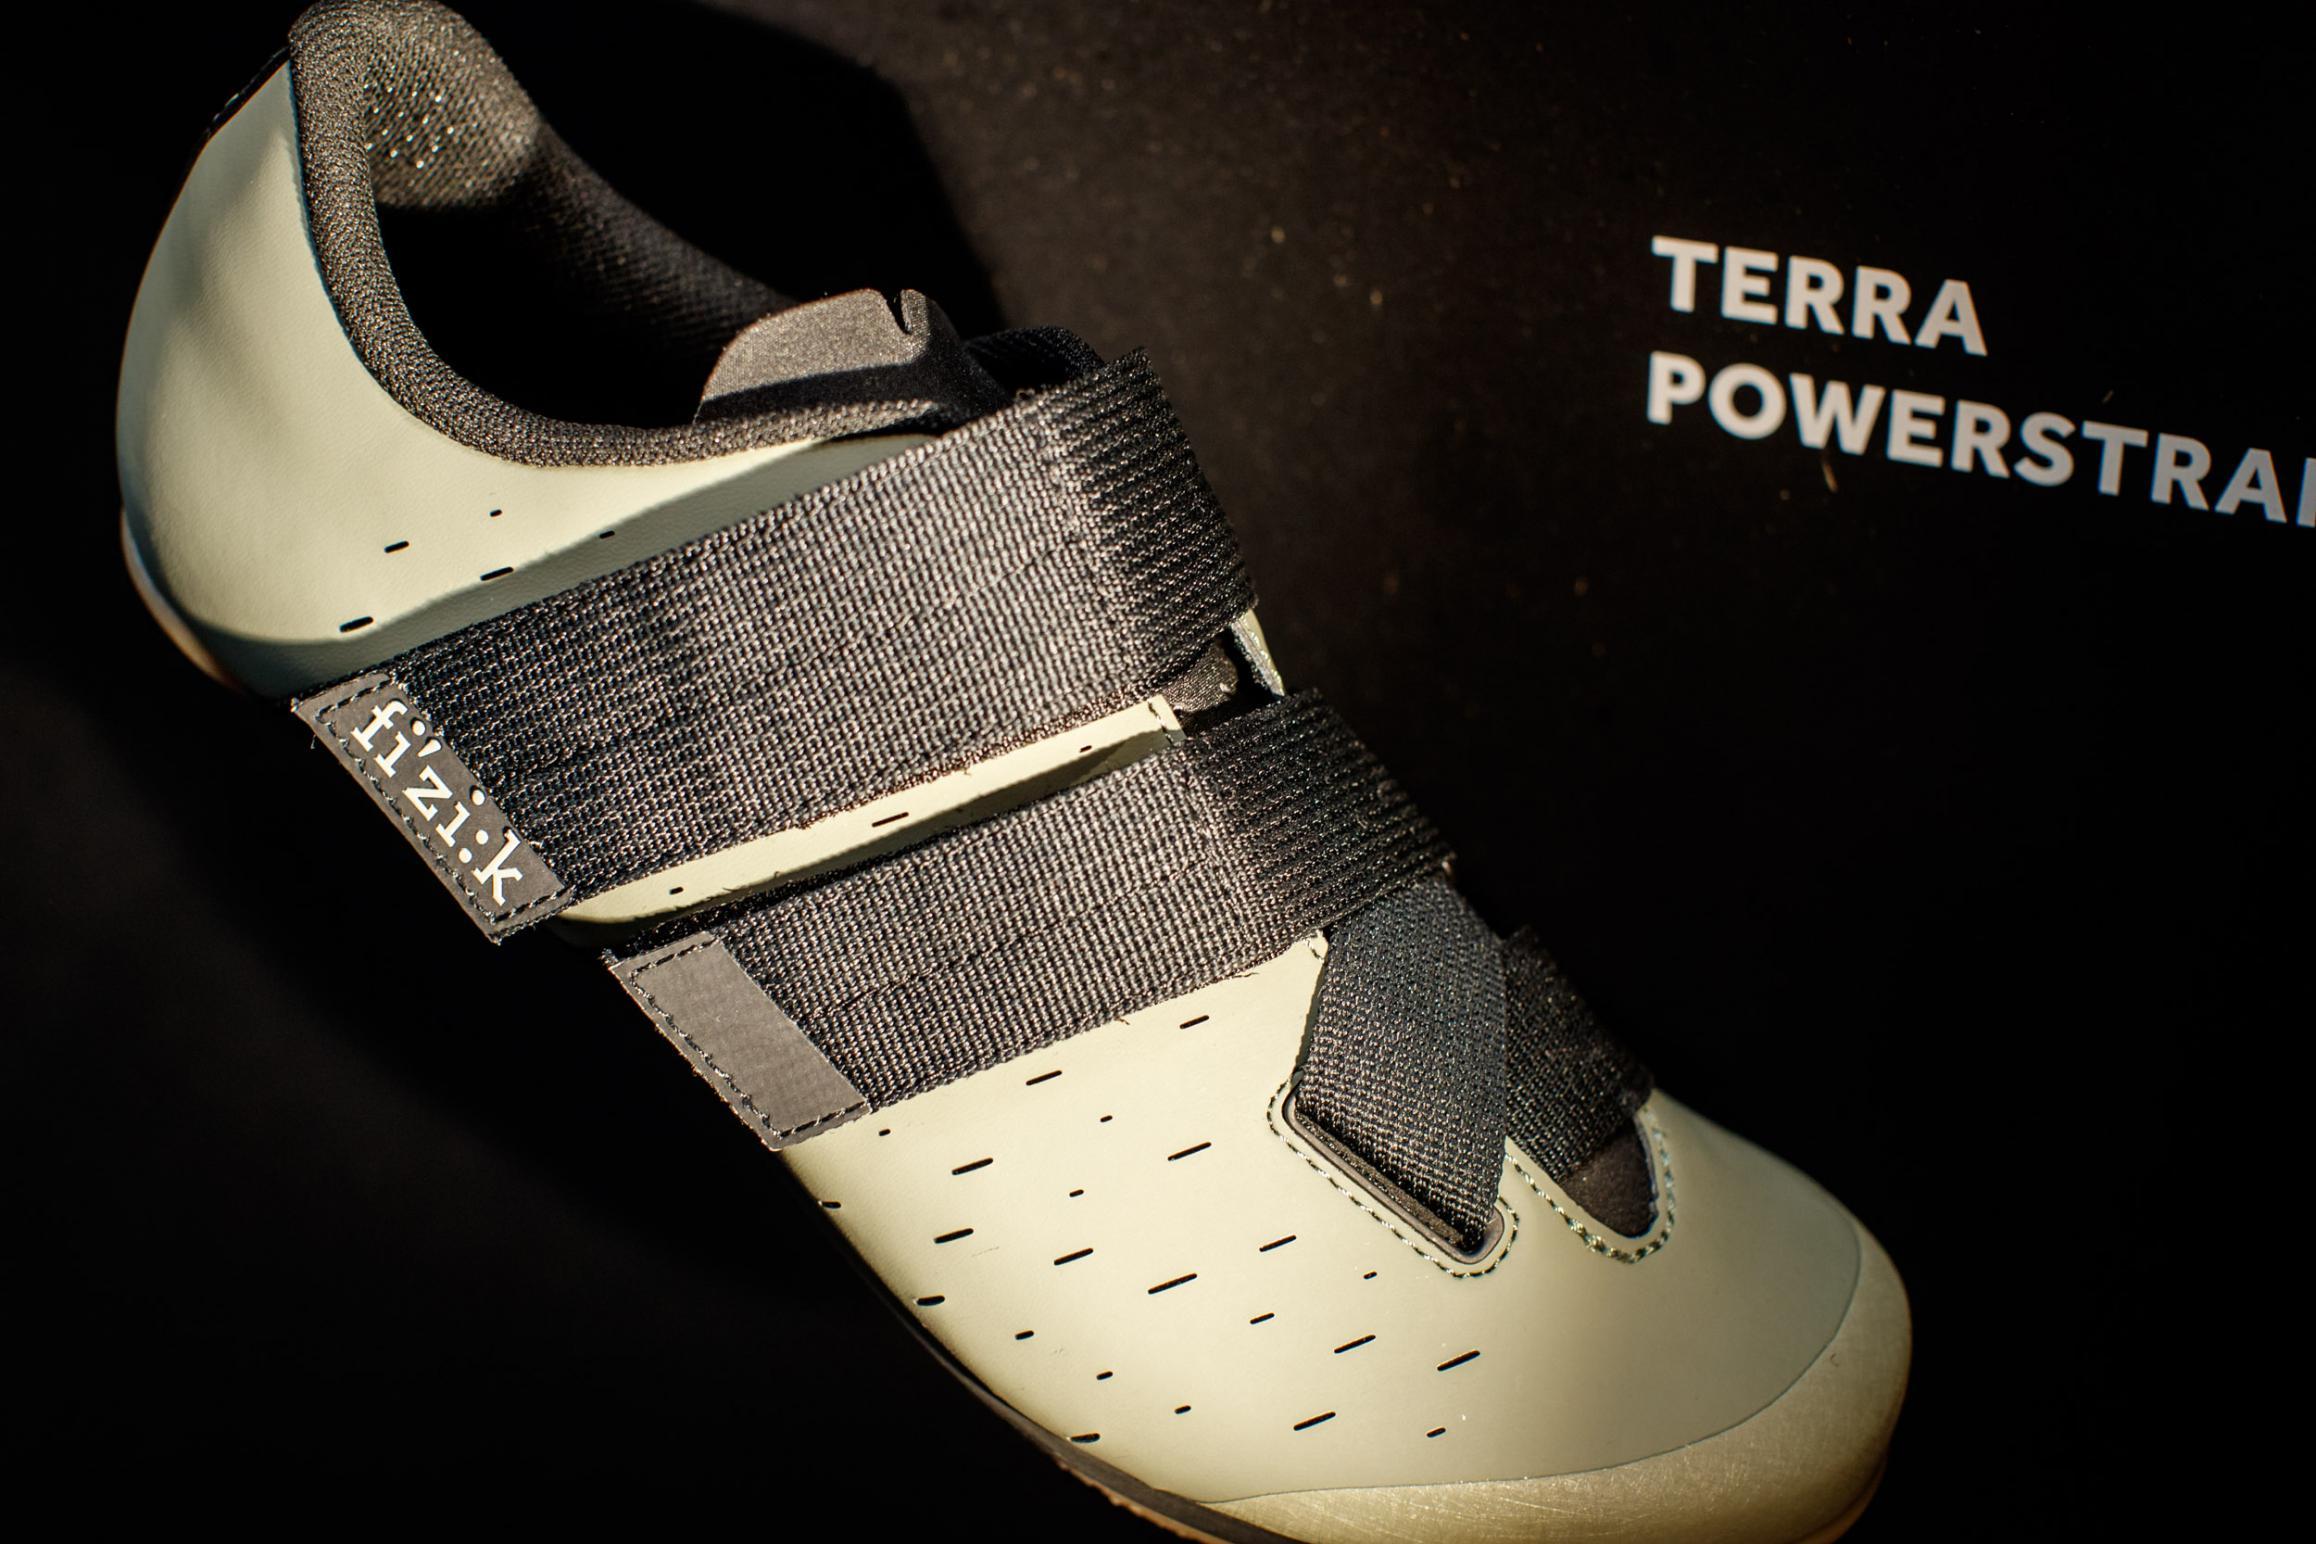 Terra Powerstrap X4X4 Nylon Außensohle, 292 g (42,5), Größen 36-47, drei Farben